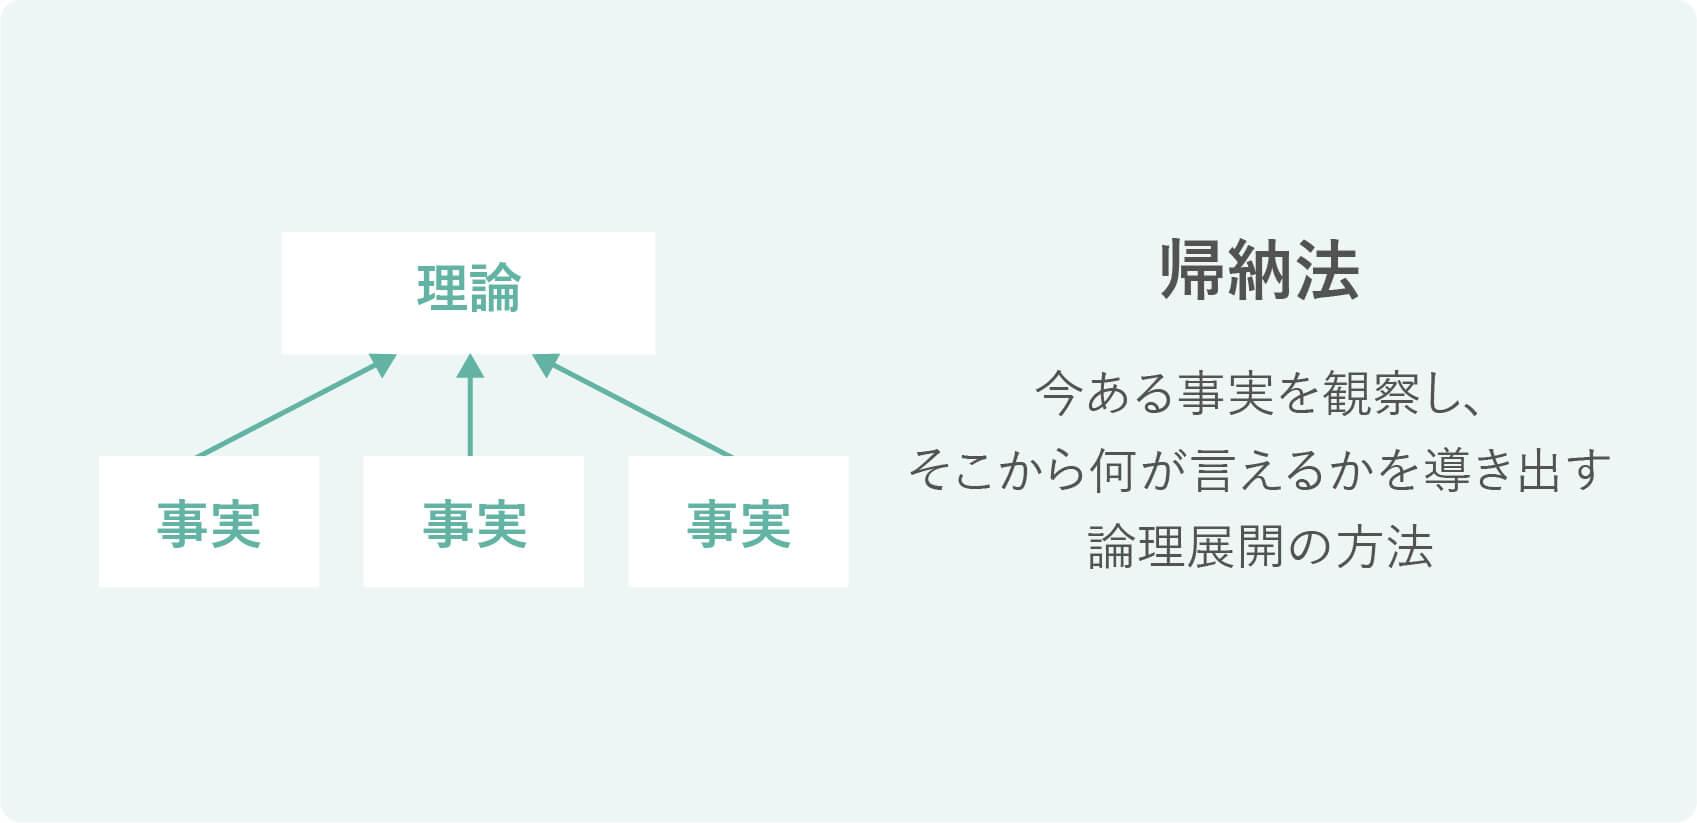 帰納法の説明